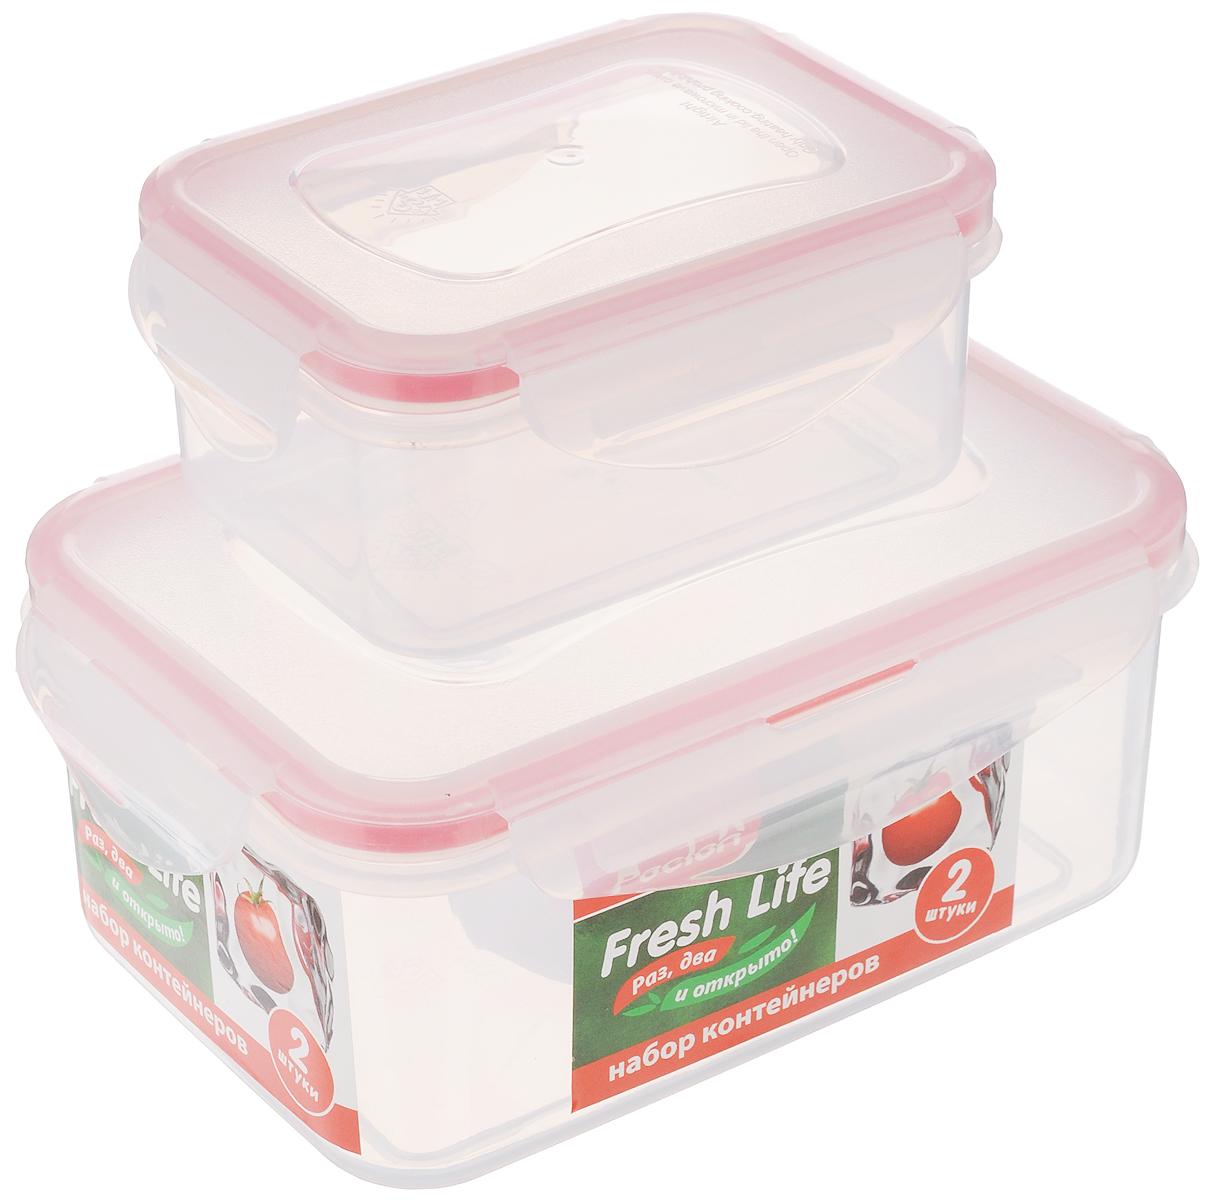 Набор контейнеров для хранения продуктов Paclan Fresh Life, 2 шт136070/414001Набор контейнеров Paclan Fresh Life, выполненных из полипропилена, предназначен для хранения, заморозки и разогрева в микроволновой печи (при снятой крышке). После использования промыть теплой водой. Можно мыть в посудомоечной машине. Не пригодны для приготовления пищи. Объем контейнеров: 0,4 л и 1 л. Высота стенок большого контейнера: 7 см. Размер большого контейнера (по верхнему краю): 16,5 х 11 см. Высота стенок маленького контейнера: 5 см. Размер маленького контейнера (по верхнему краю): 11,5 х 8,5 см.